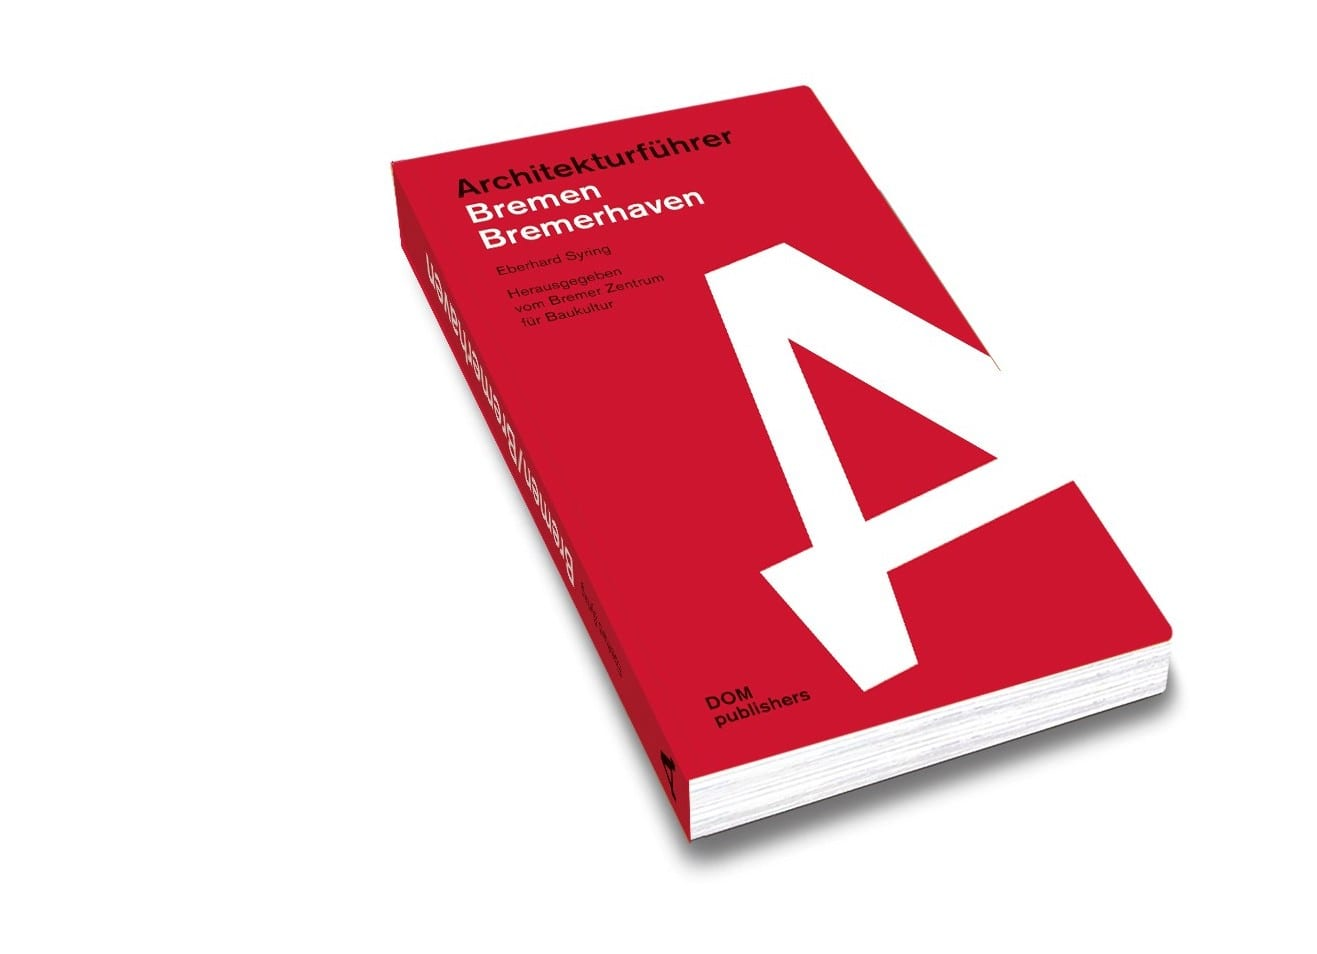 Architekturführer Bremen und Bremerhaven (DOM Publishers 2019)